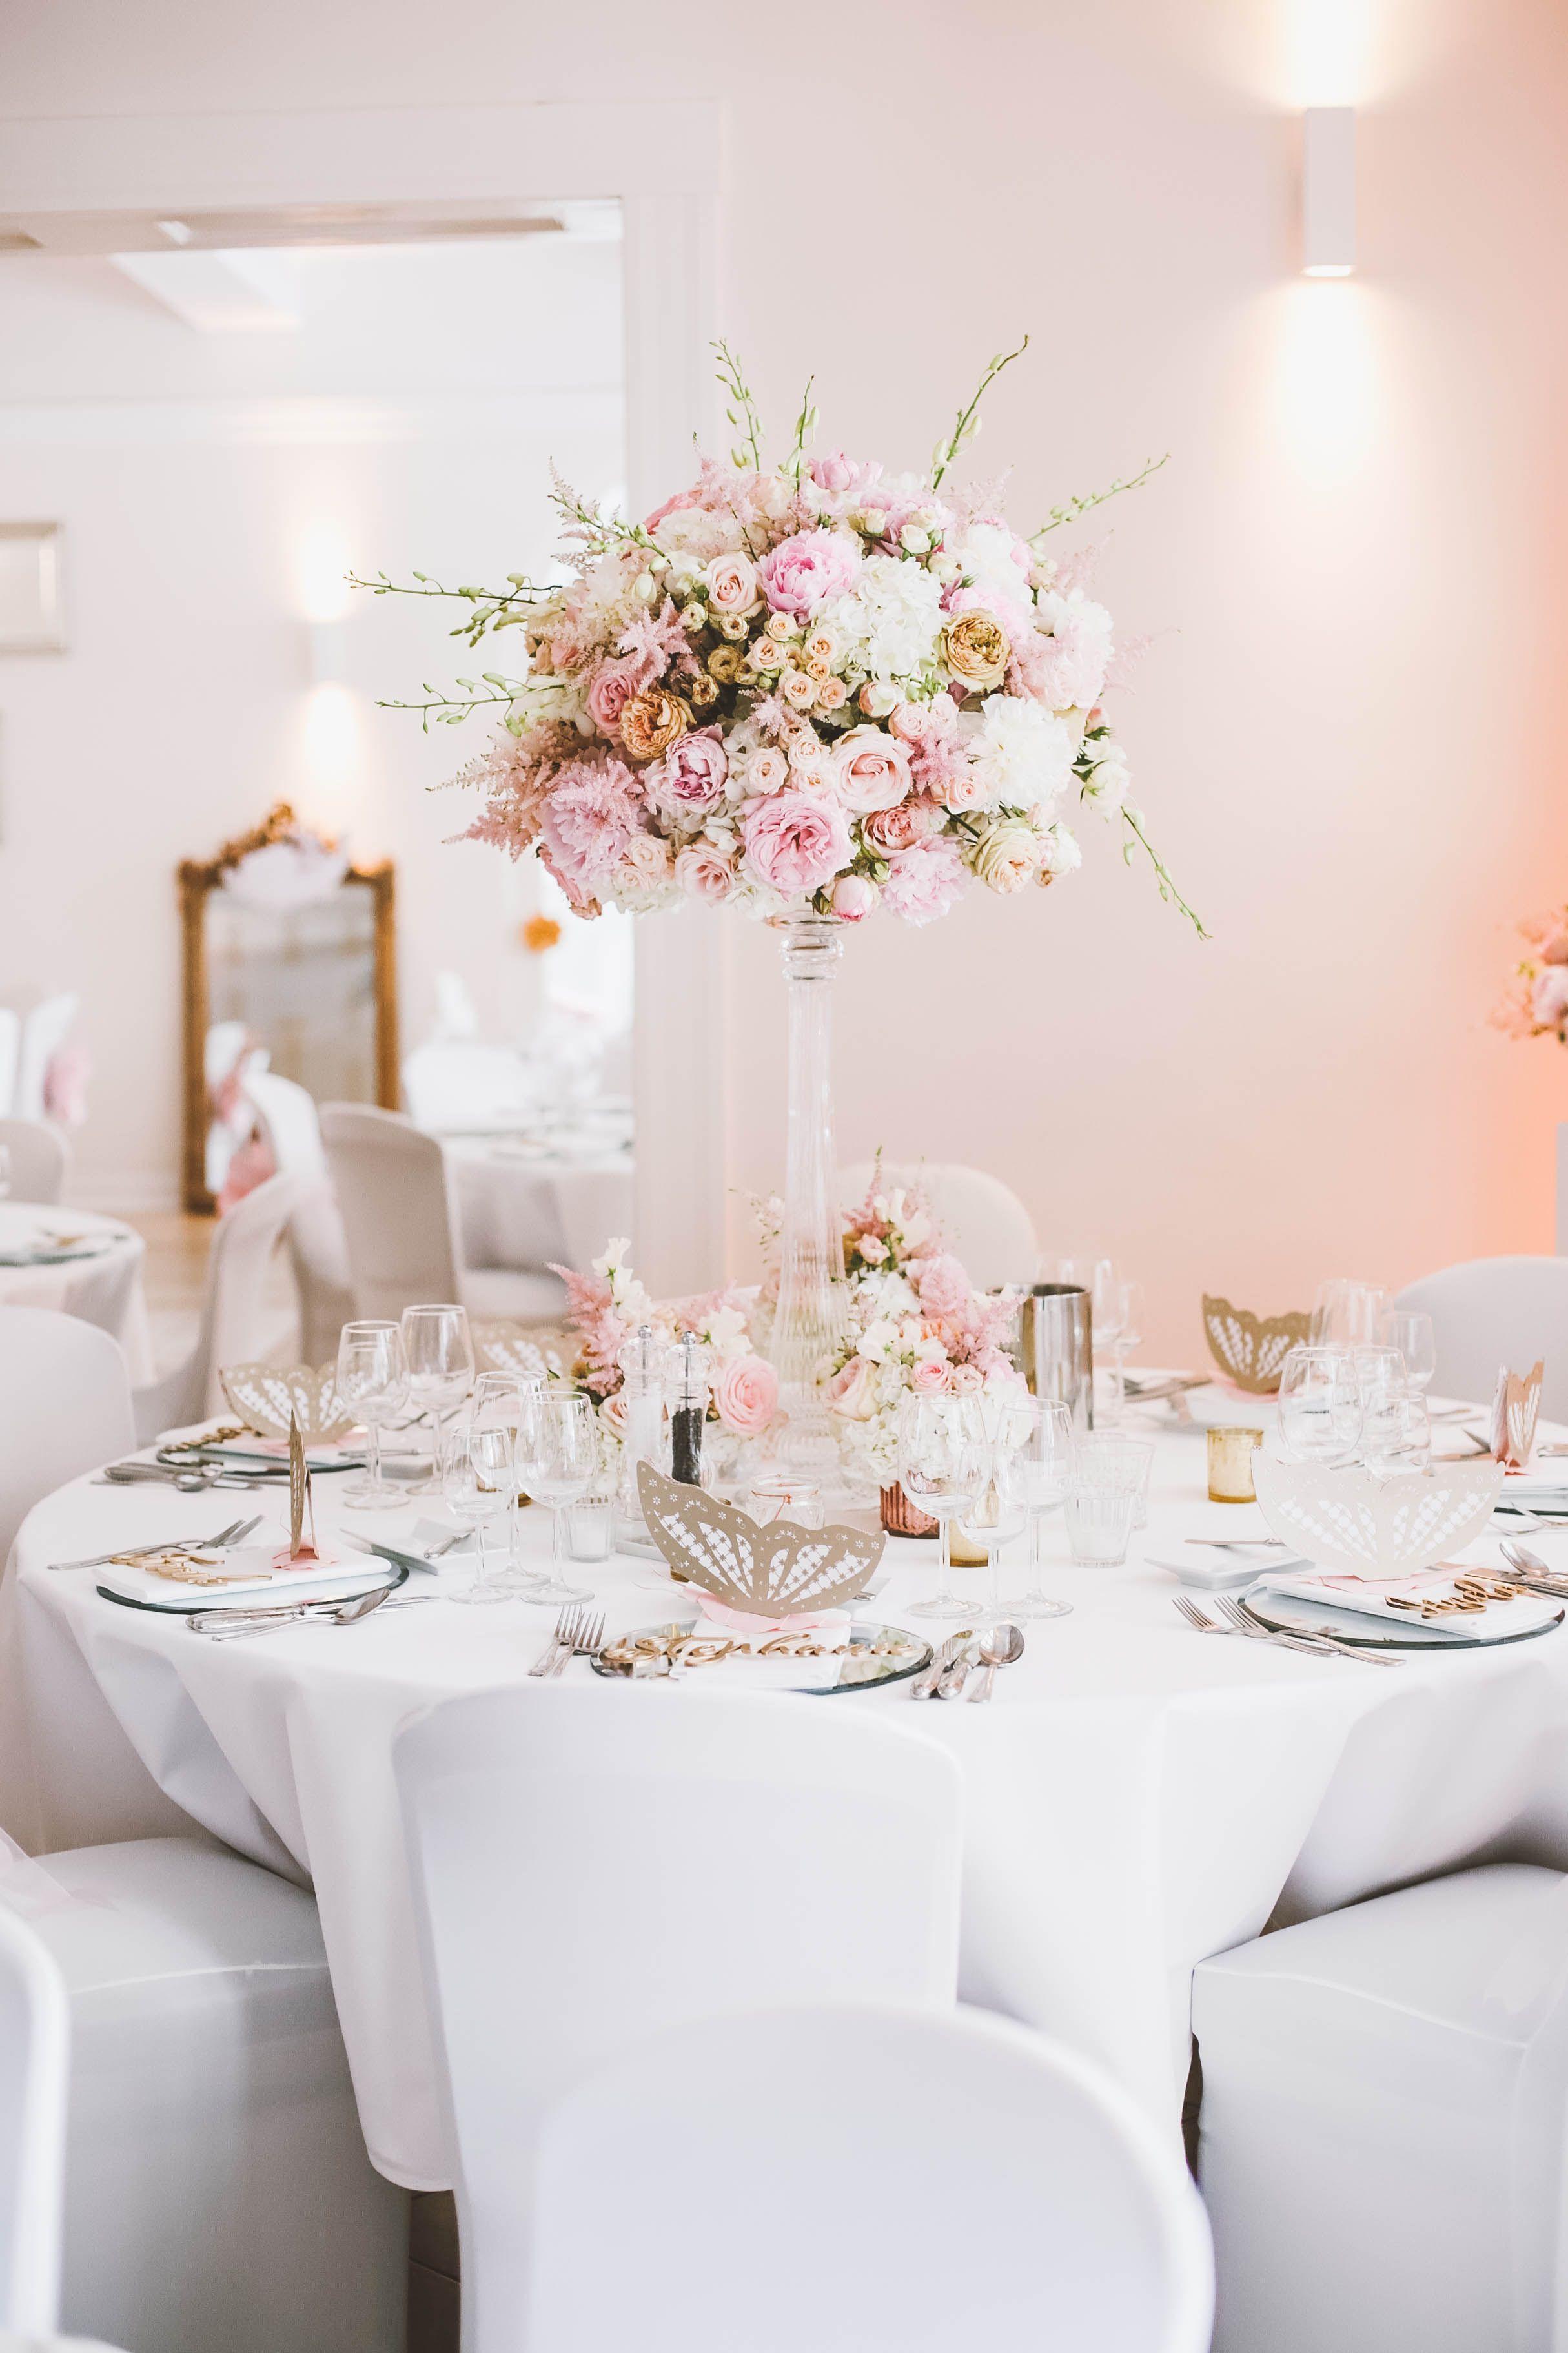 Sweet Table Fur Hochzeit In Rosa Und Gold In 2020 Hochzeit Deko Tisch Tischdekoration Hochzeit Tischdeko Hochzeit